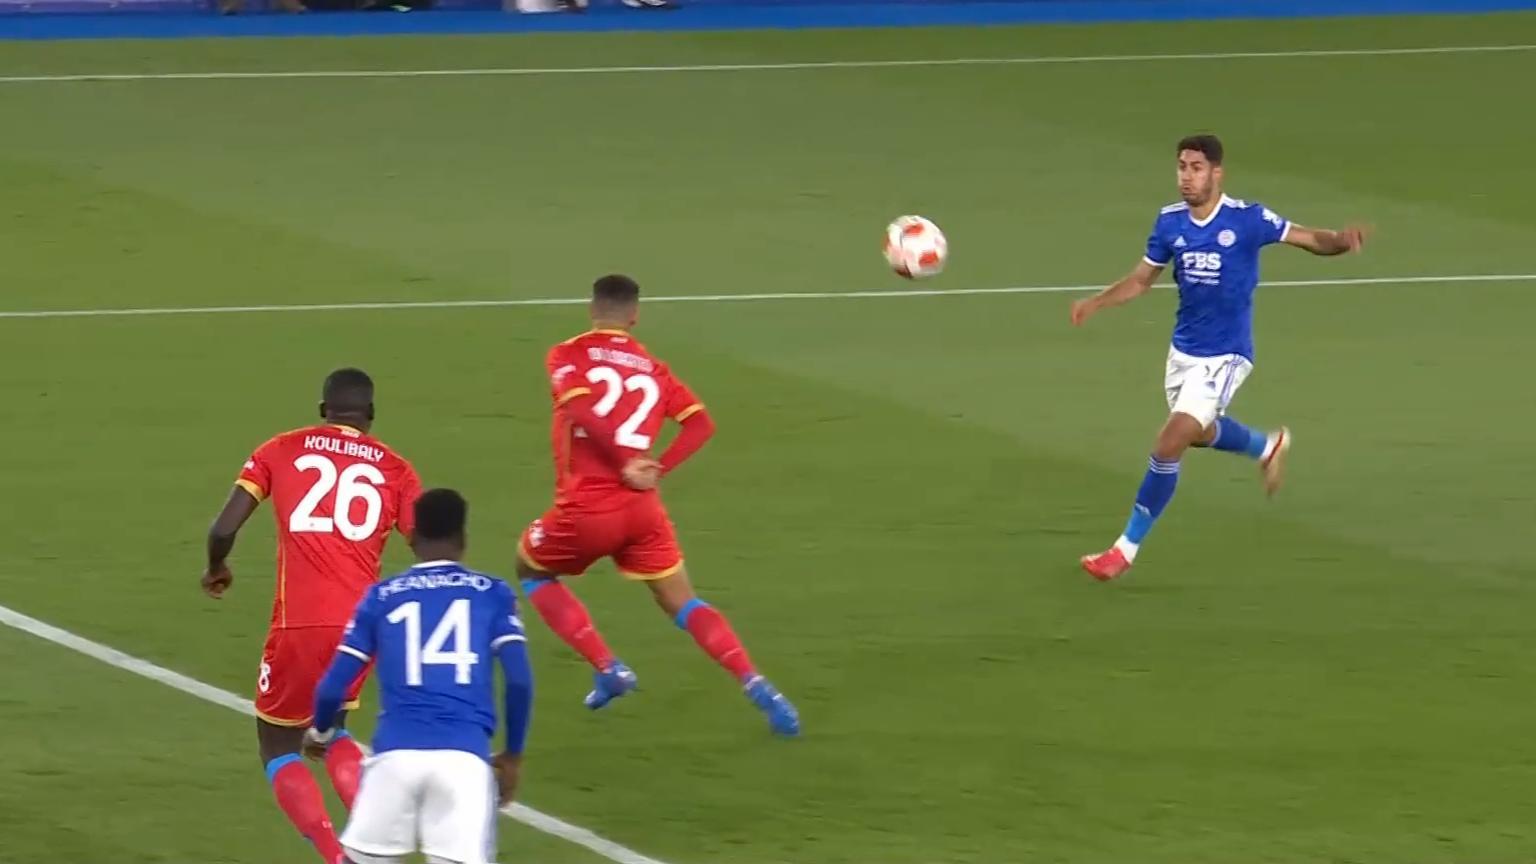 Europa League highlights: Leicester vs Napoli